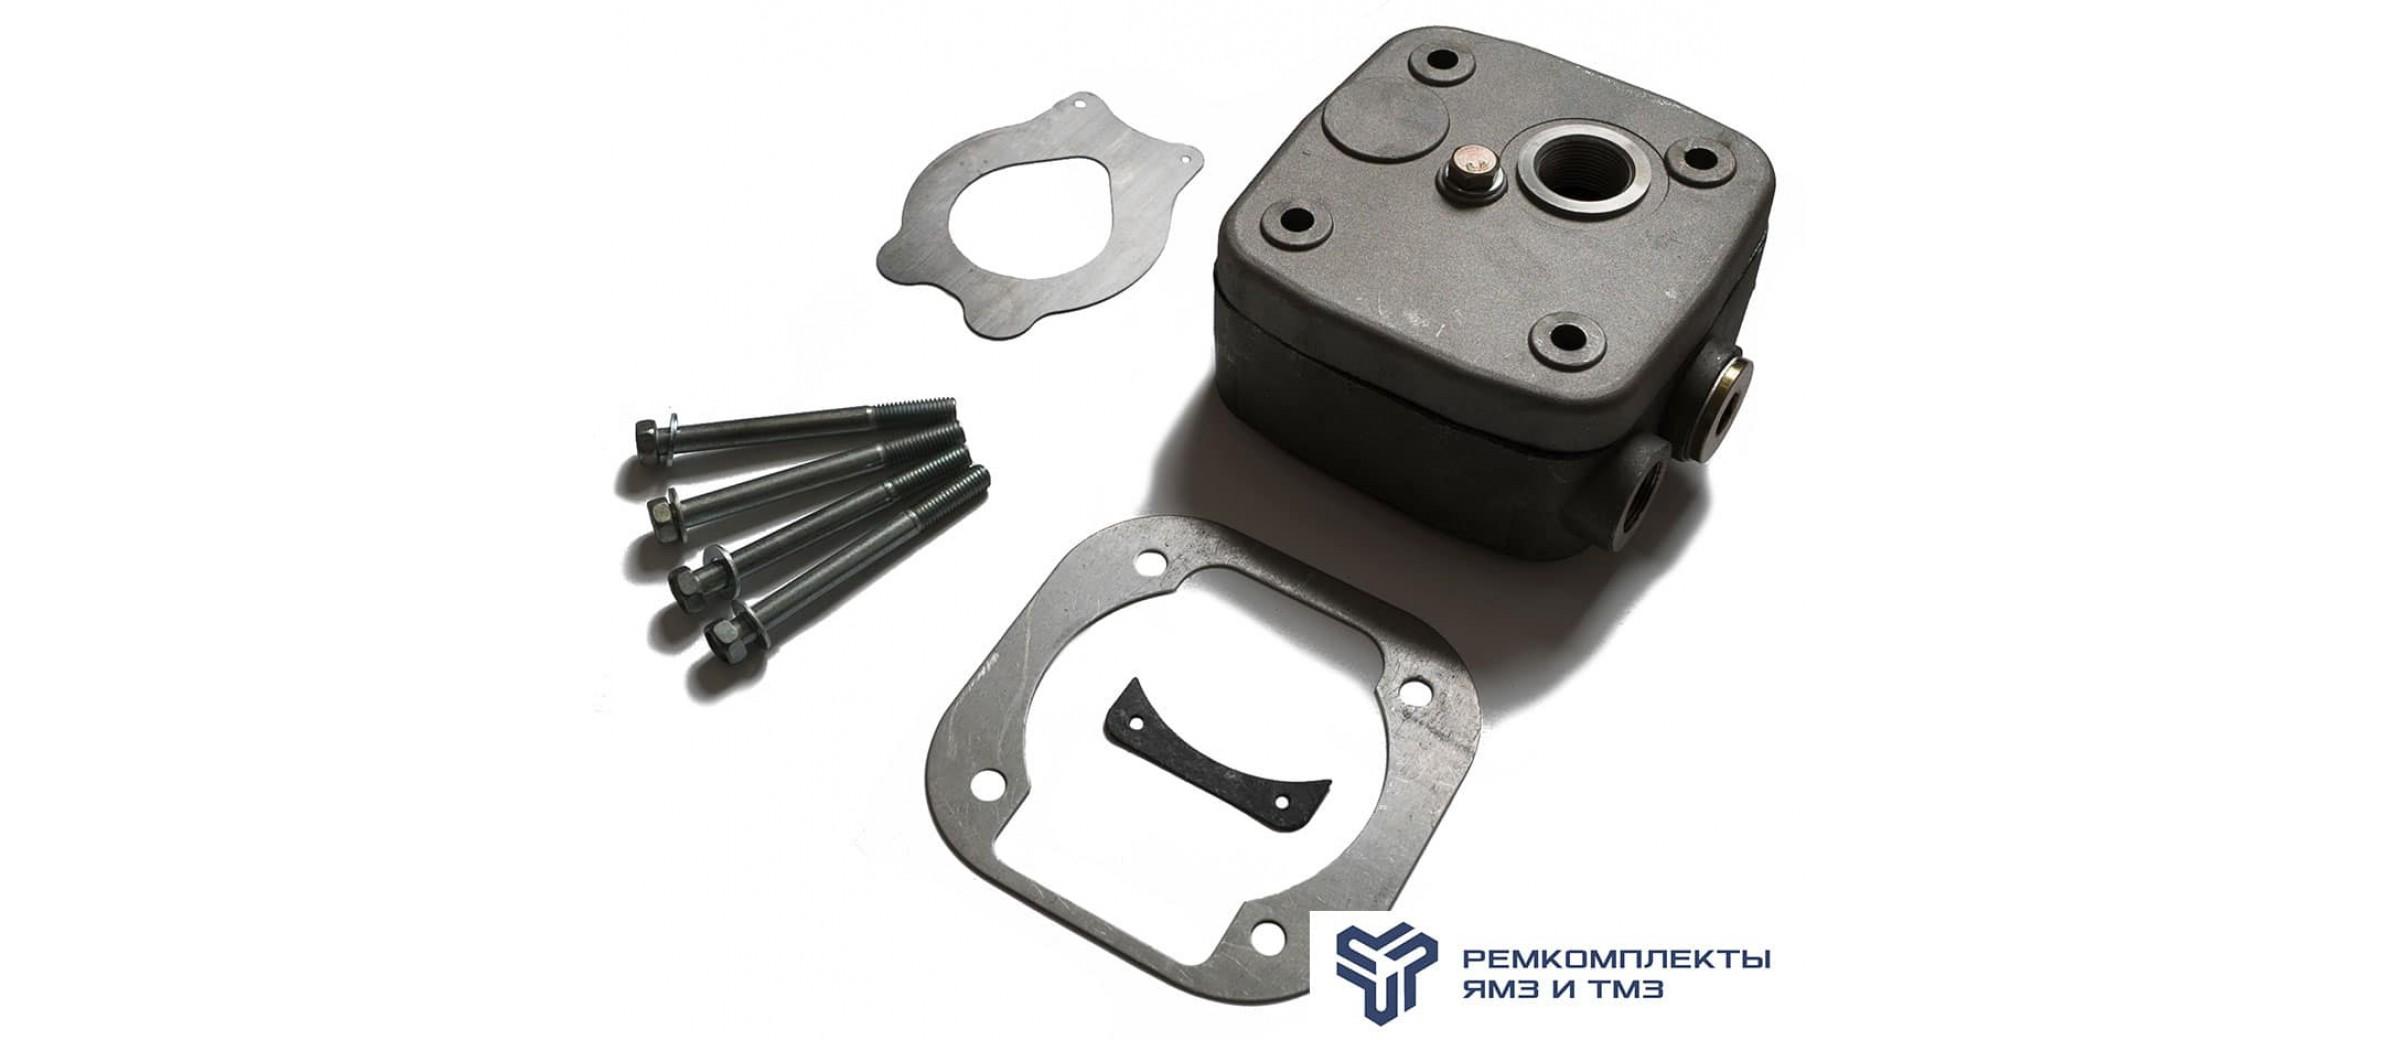 Ремкомплект для замены головки компрессора (53205)